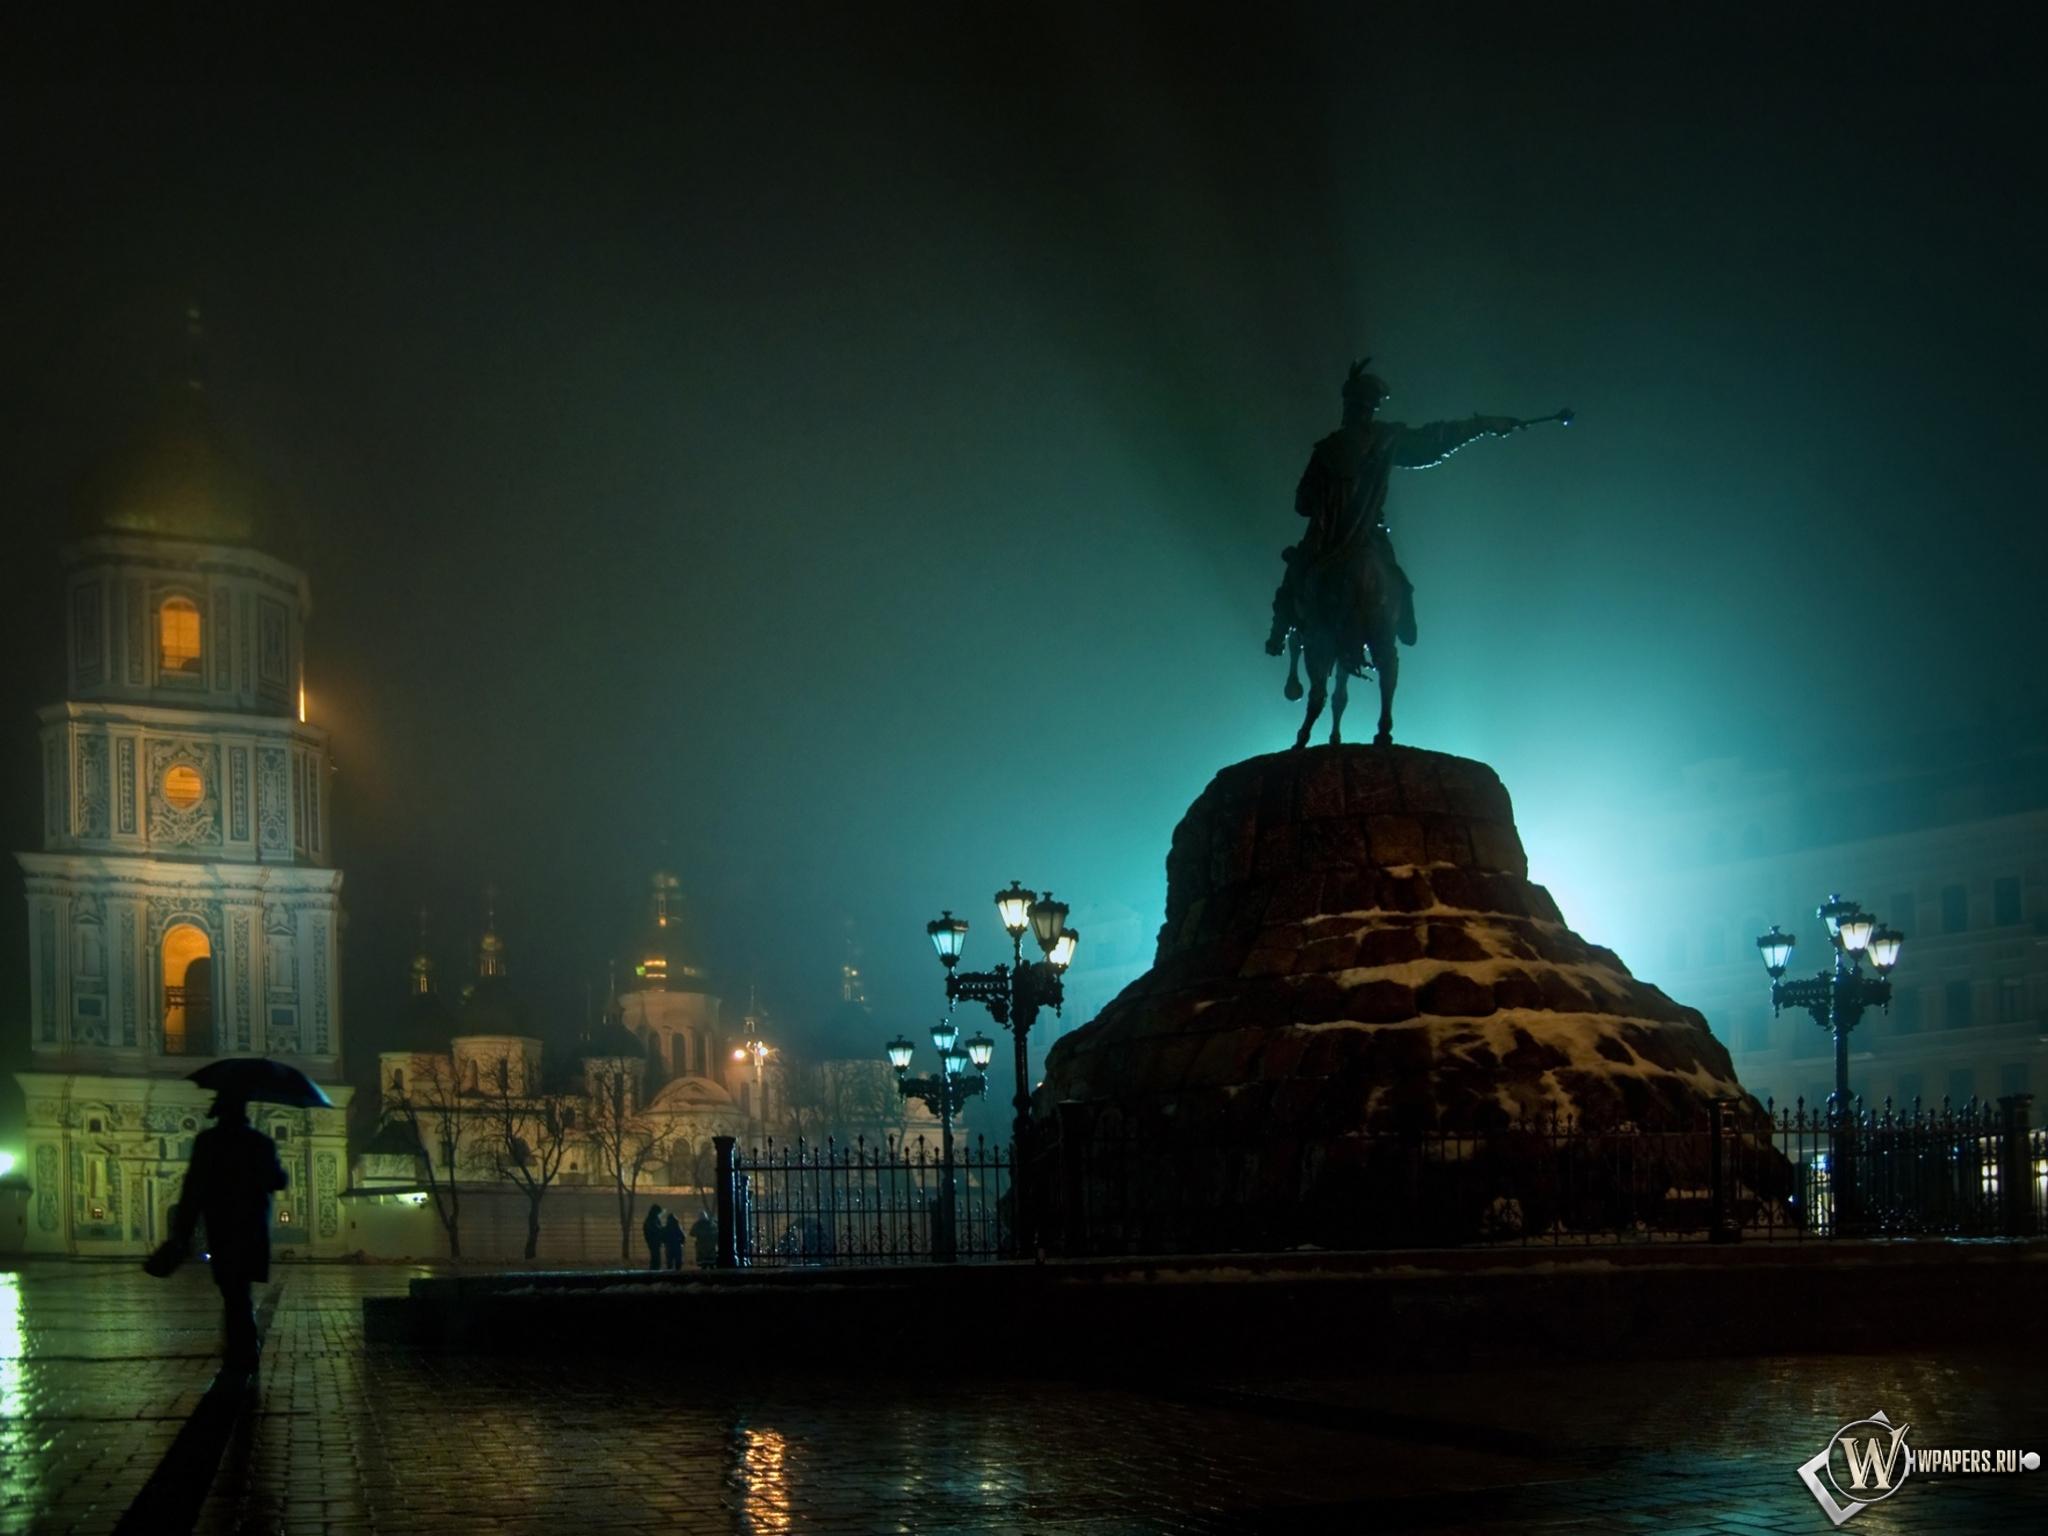 Срочное фото на памятник самара